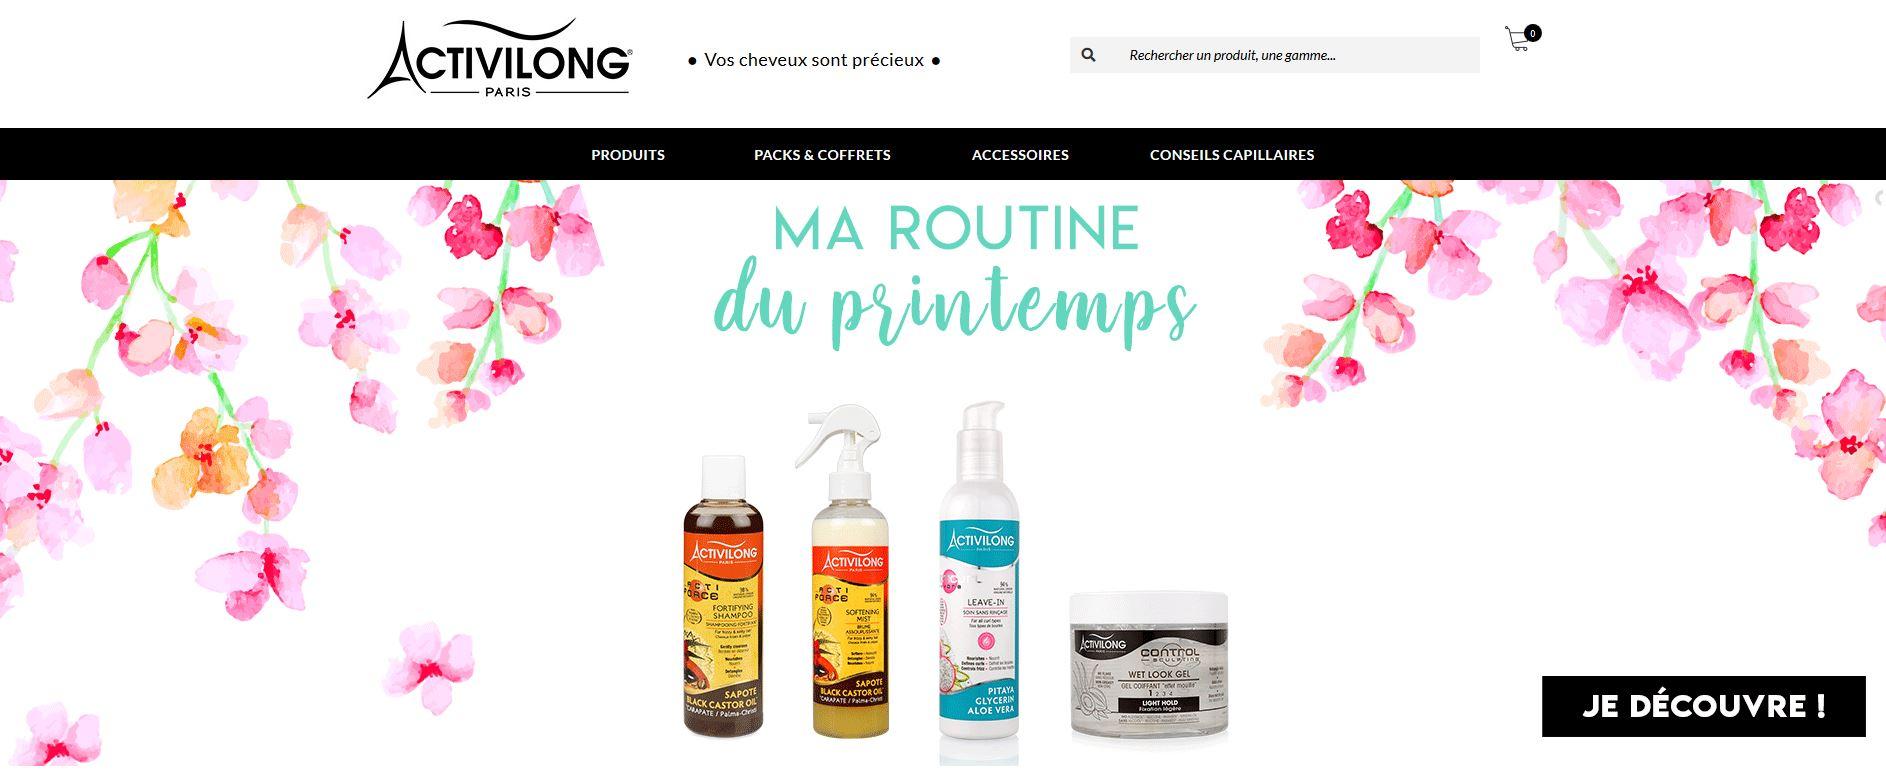 Connexion réussie pour Activilong entre sa gestion commerciale Sage et son site ecommerce PrestaShop